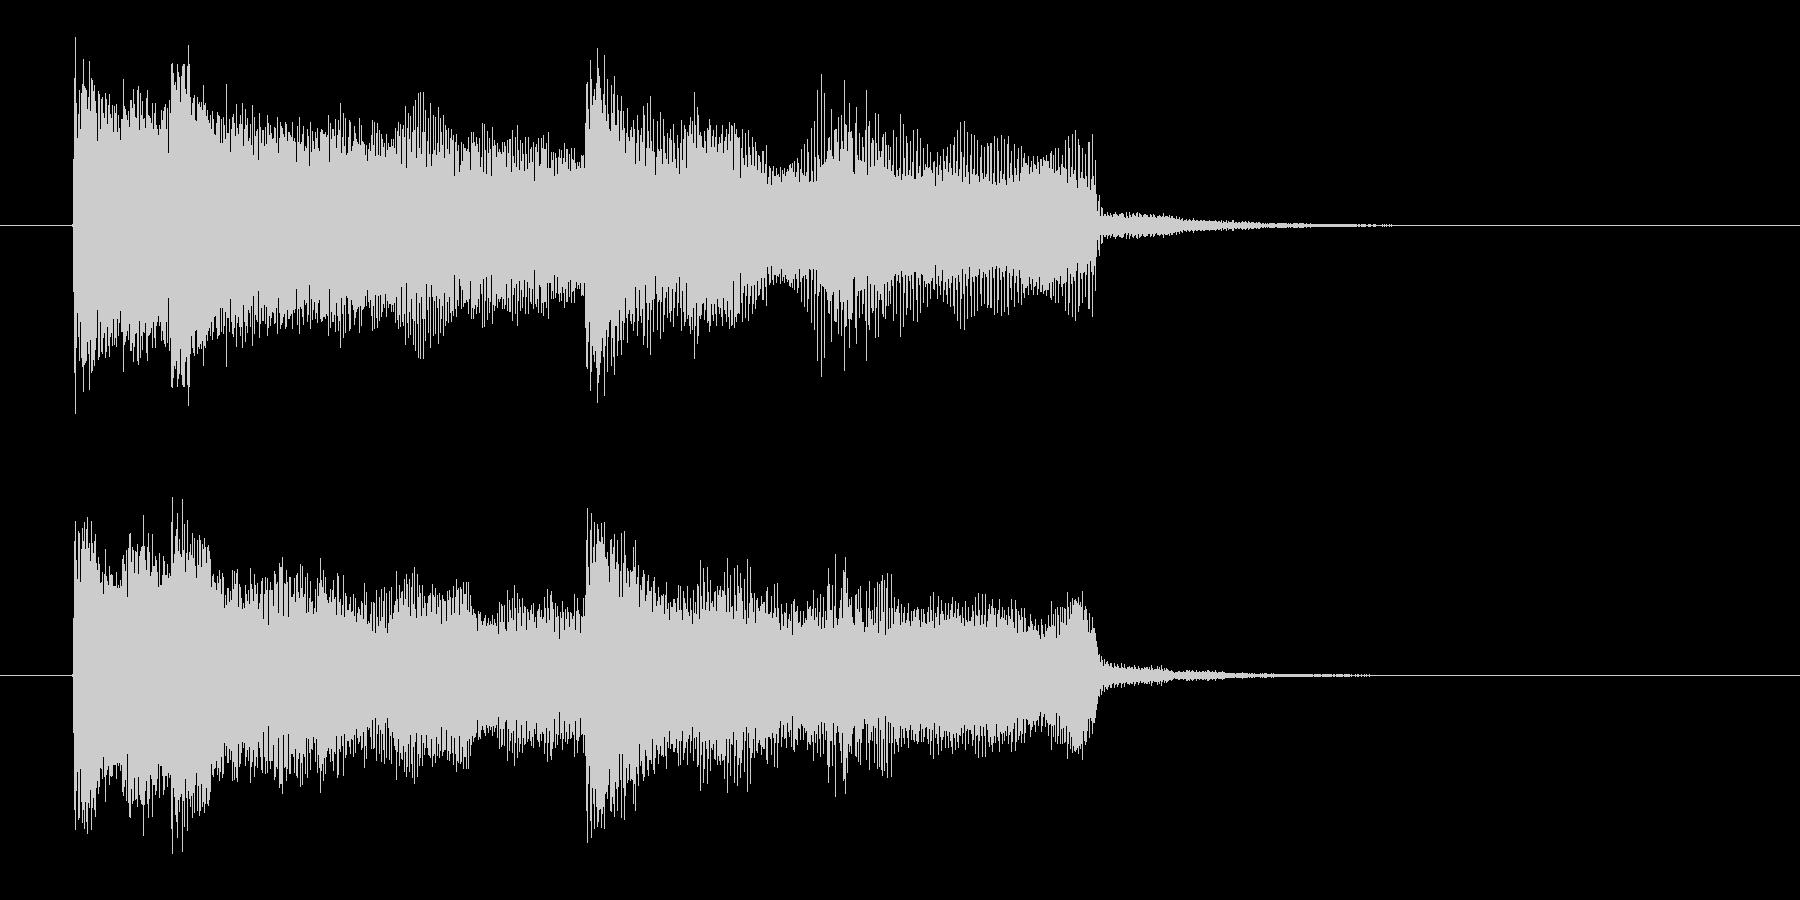 シンセとエレキのワイルドロックなジングルの未再生の波形